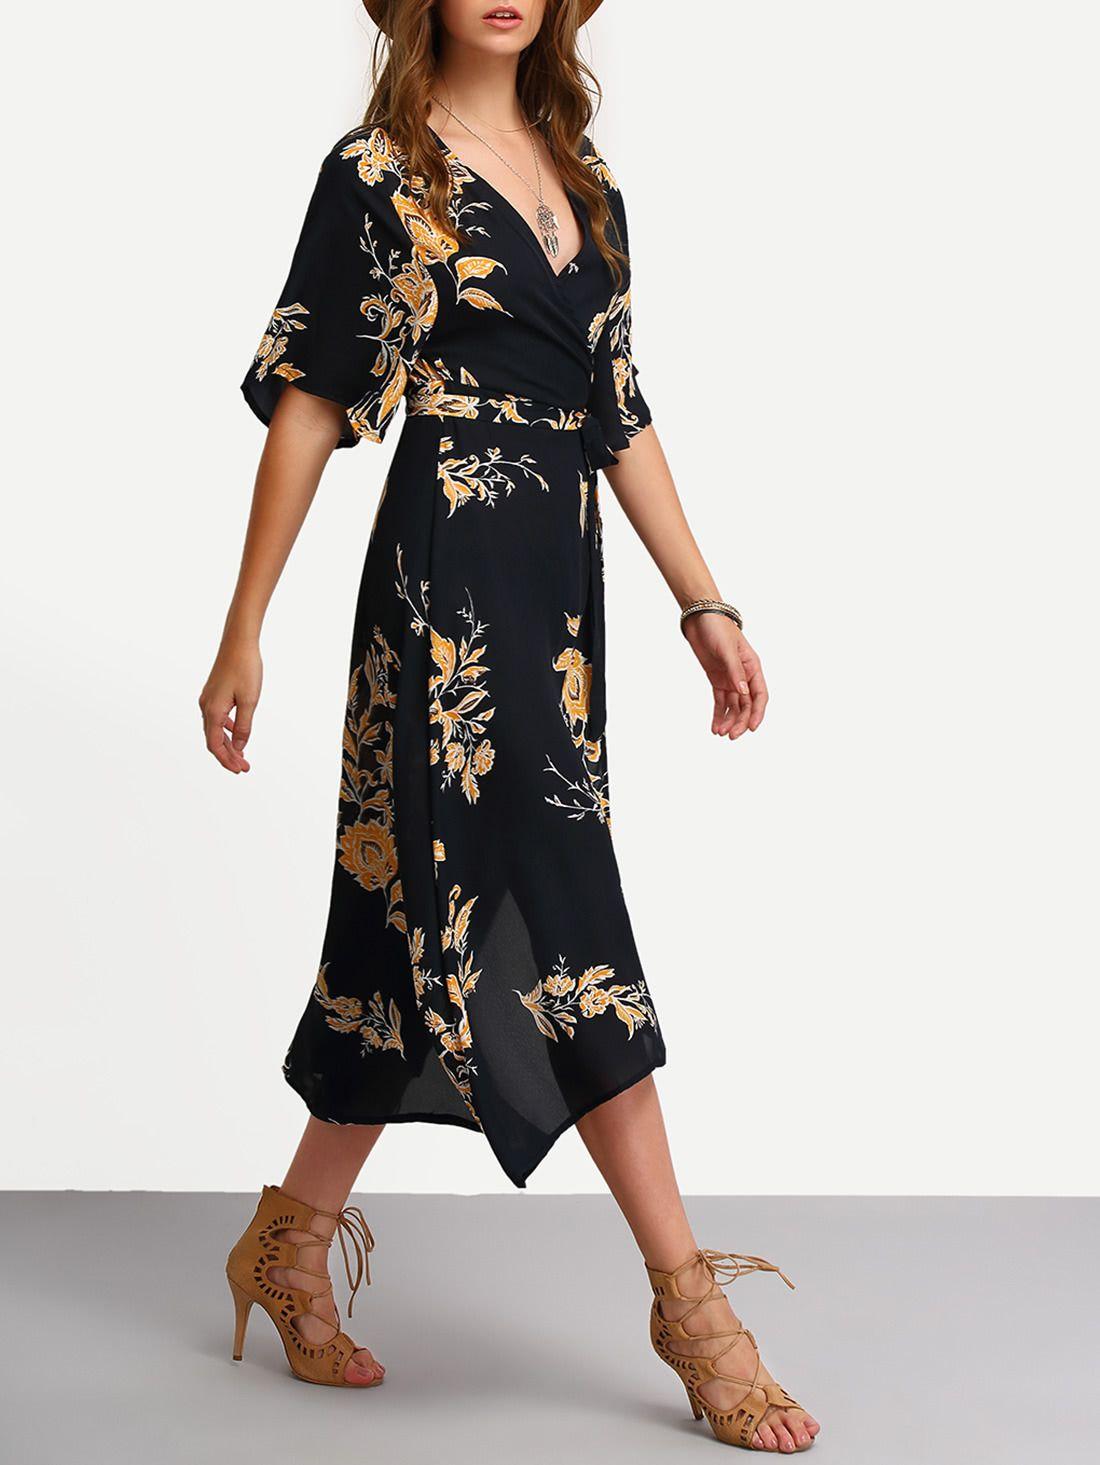 Kleid gewickelt mit V-Ausschnitt und Blumenmuster lässig -schwarz ...